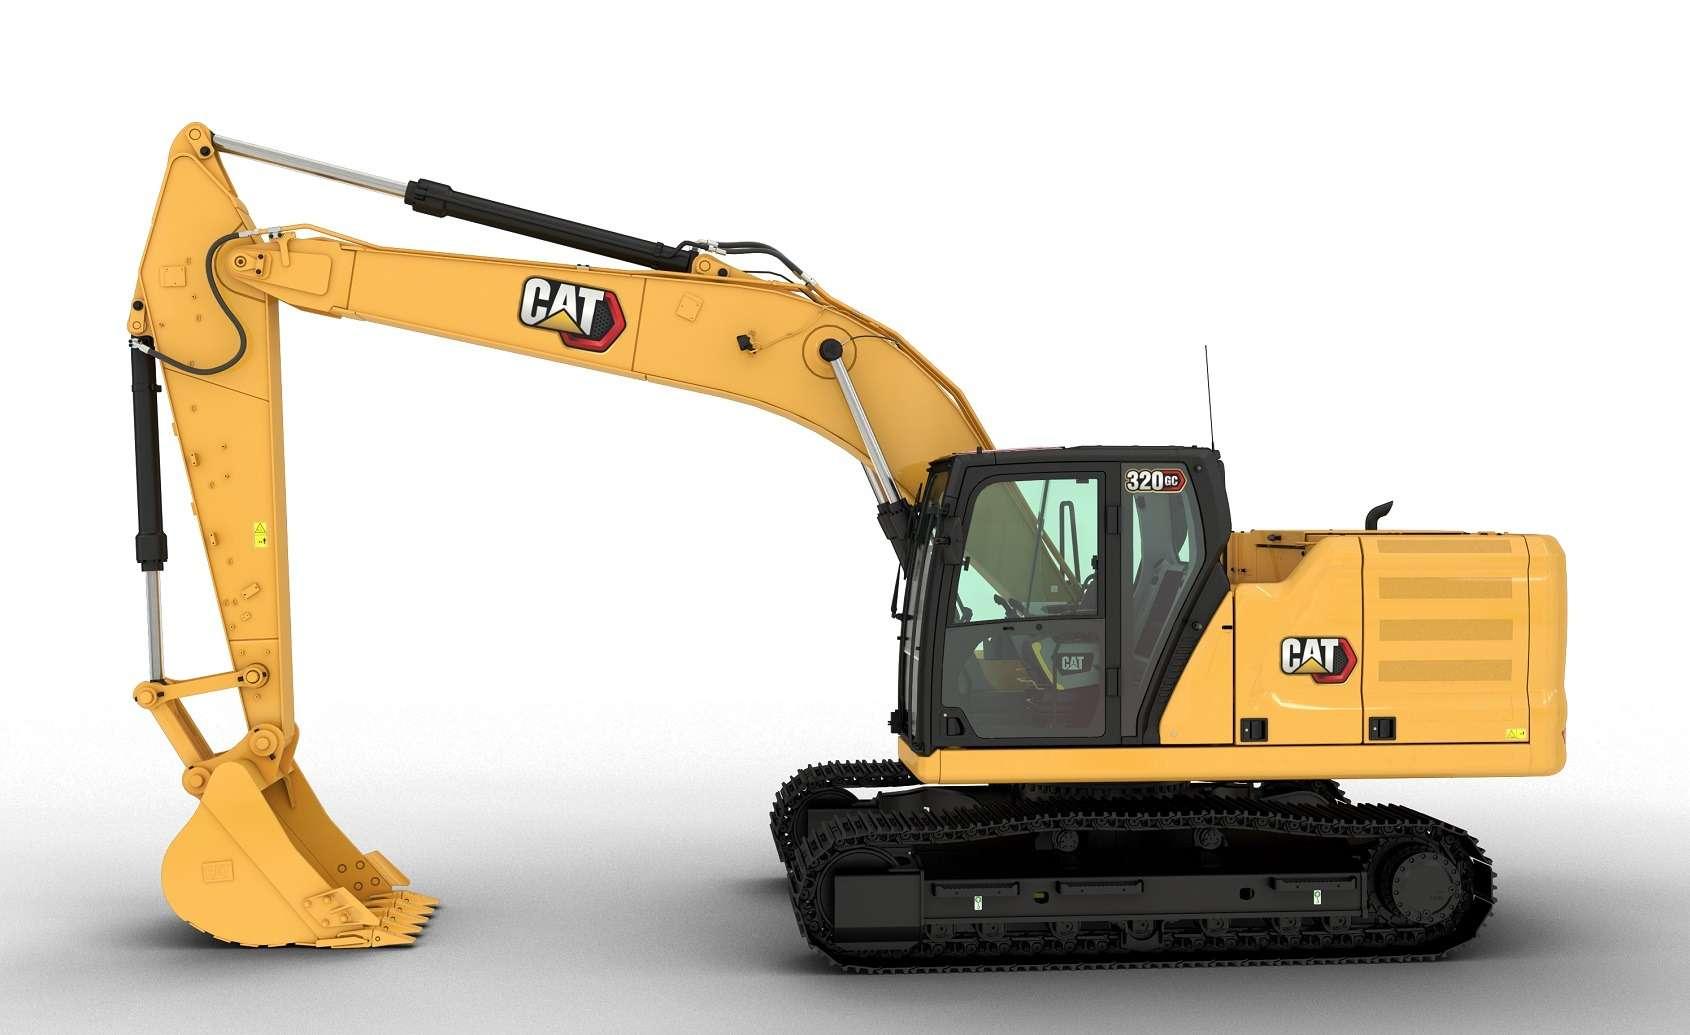 Новая габаритная модель гусеничного экскаватора Cat 320GC отCATERPILLAR®— фото 1271420